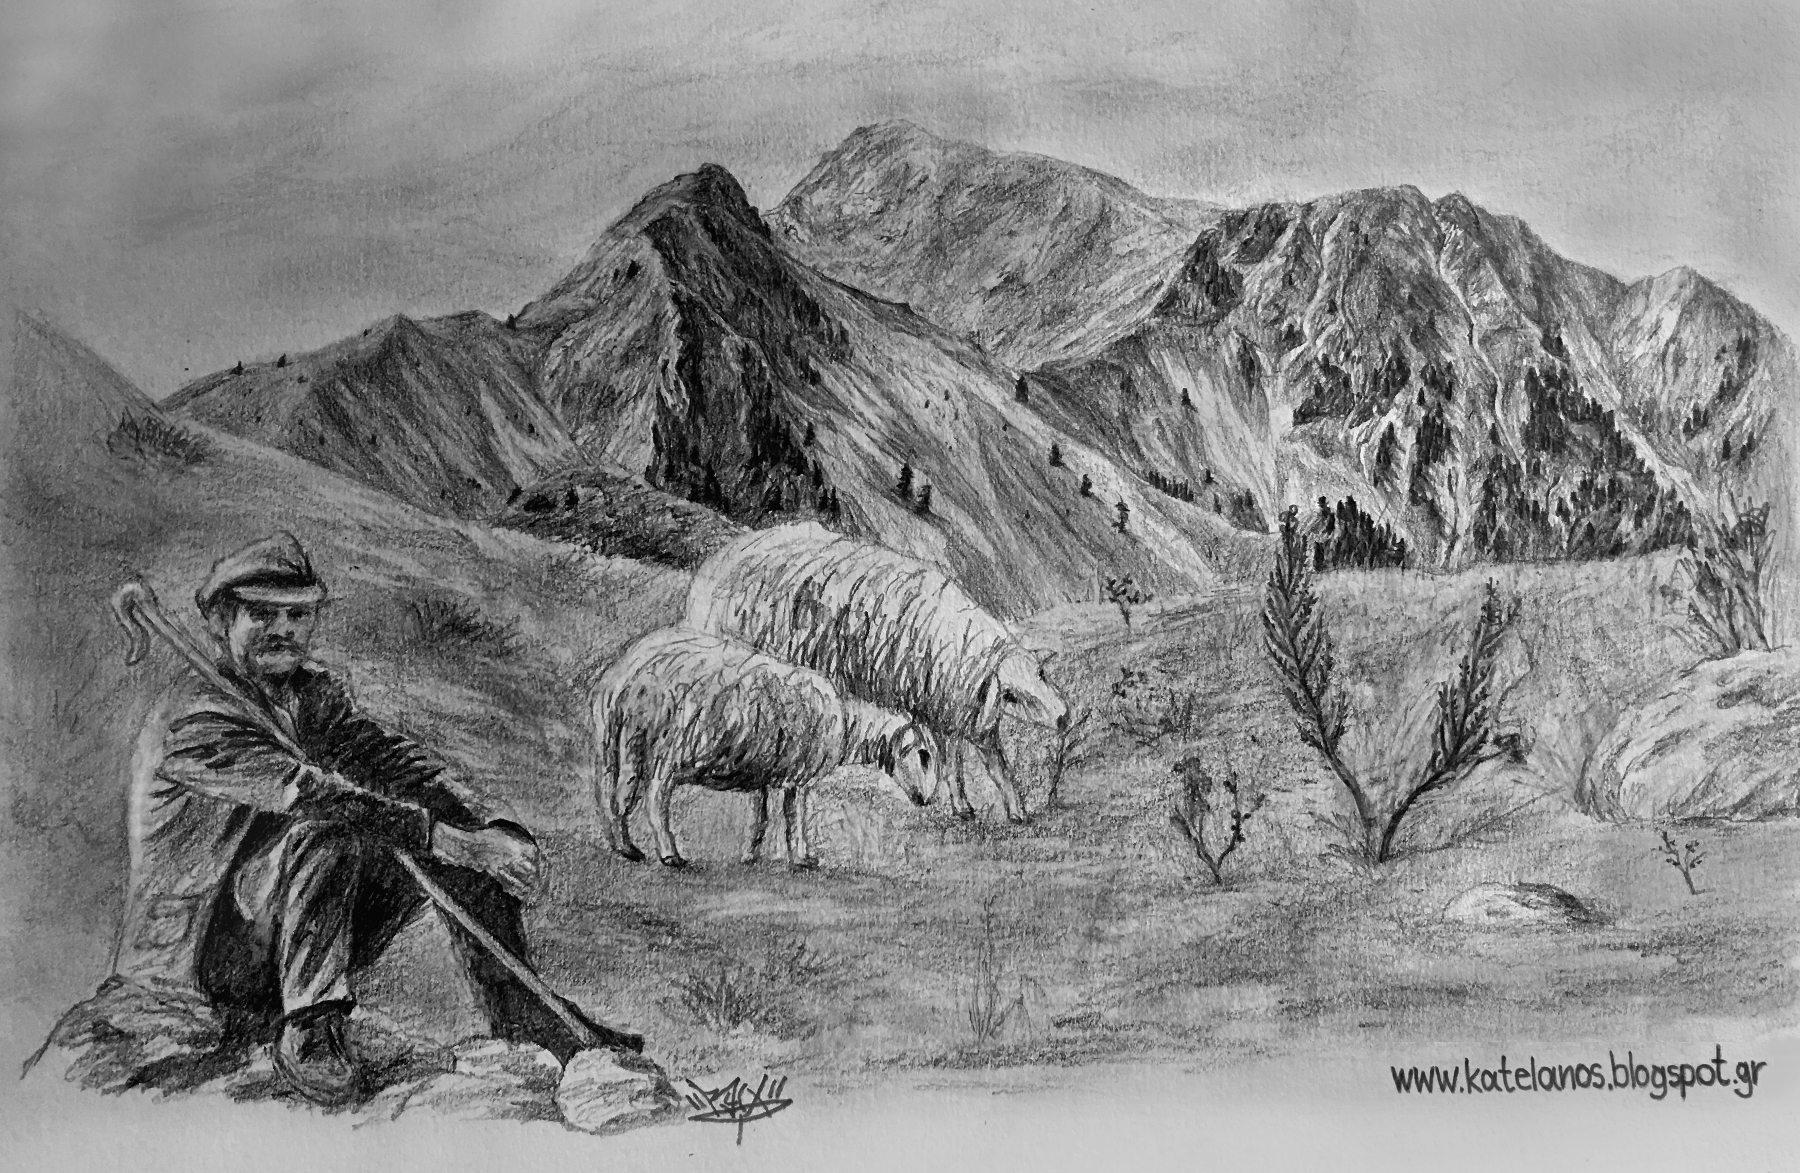 κατελανος παναιτωλικου κρημνιτσα βουνο σκιτσο παναιτωλικο ορος τσελιγκας βοσκος προβατα σκιτσα